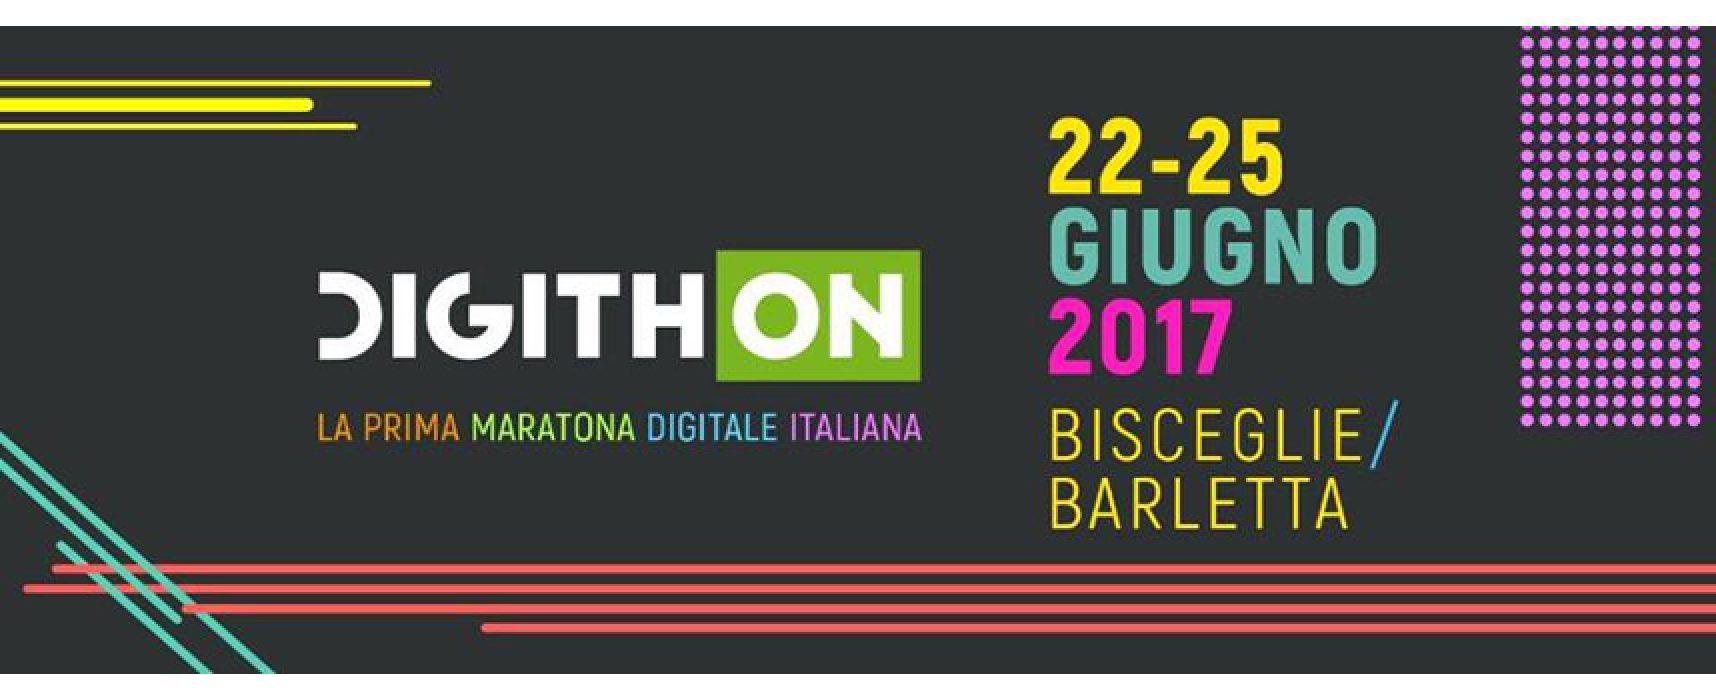 """Bisceglie e Barletta pronte ad accogliere la maratona """"DigithON"""", dieci le startup biscegliesi finaliste"""